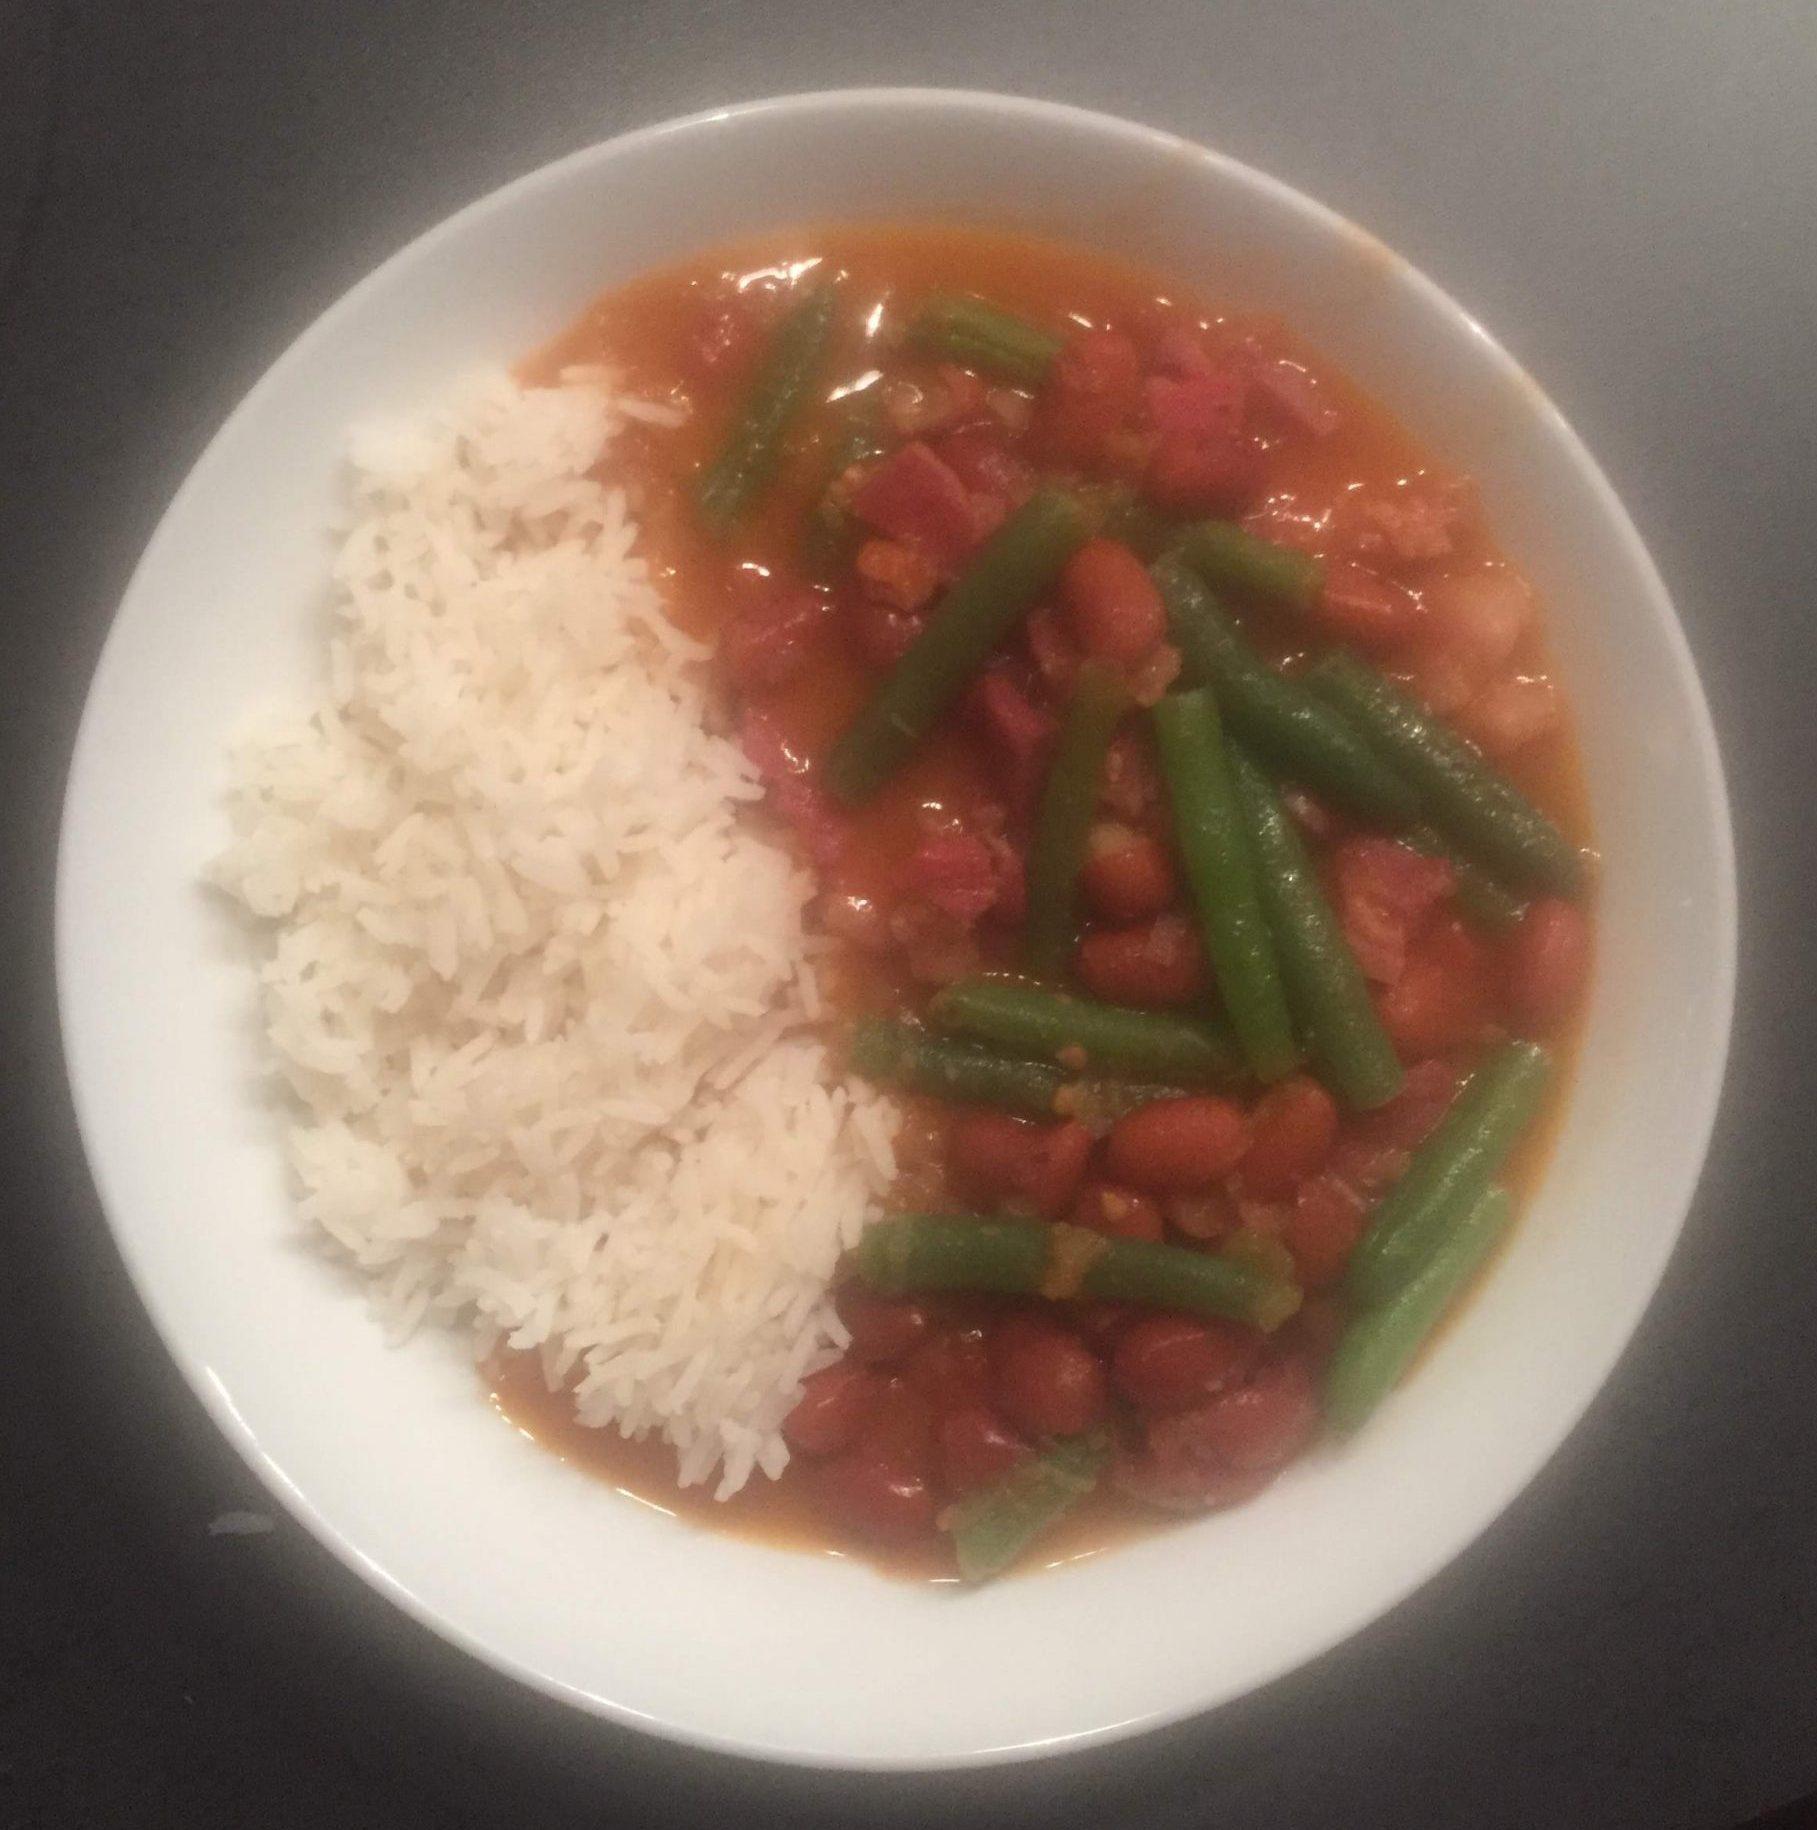 Masterbeef (zoutvlees) met bruine bonen en sperziebonen